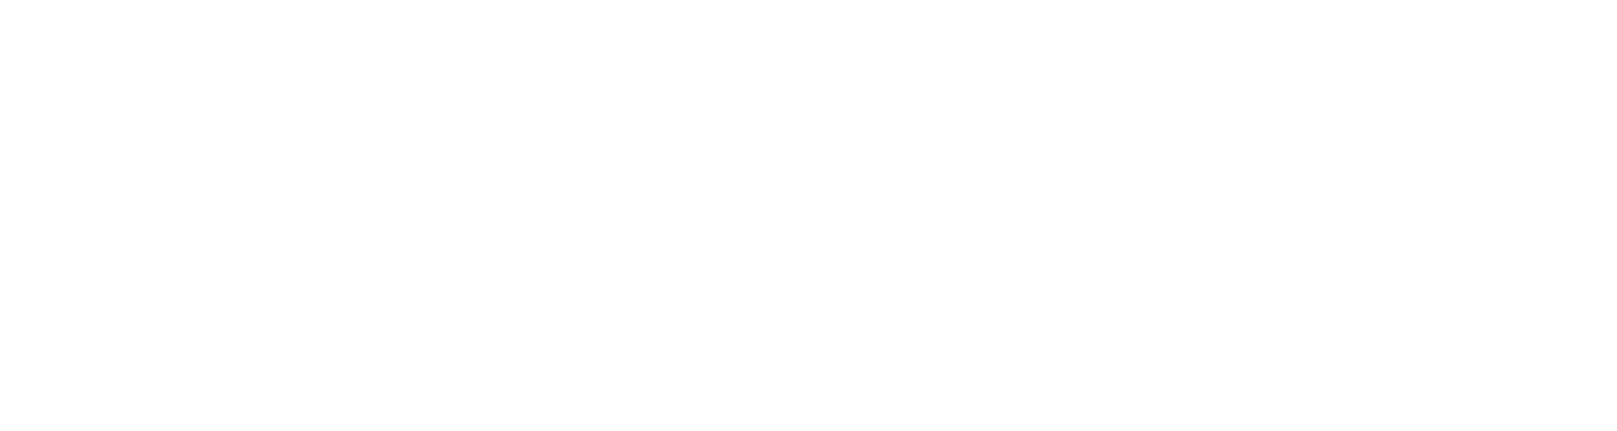 Giorgiko - text logo.png